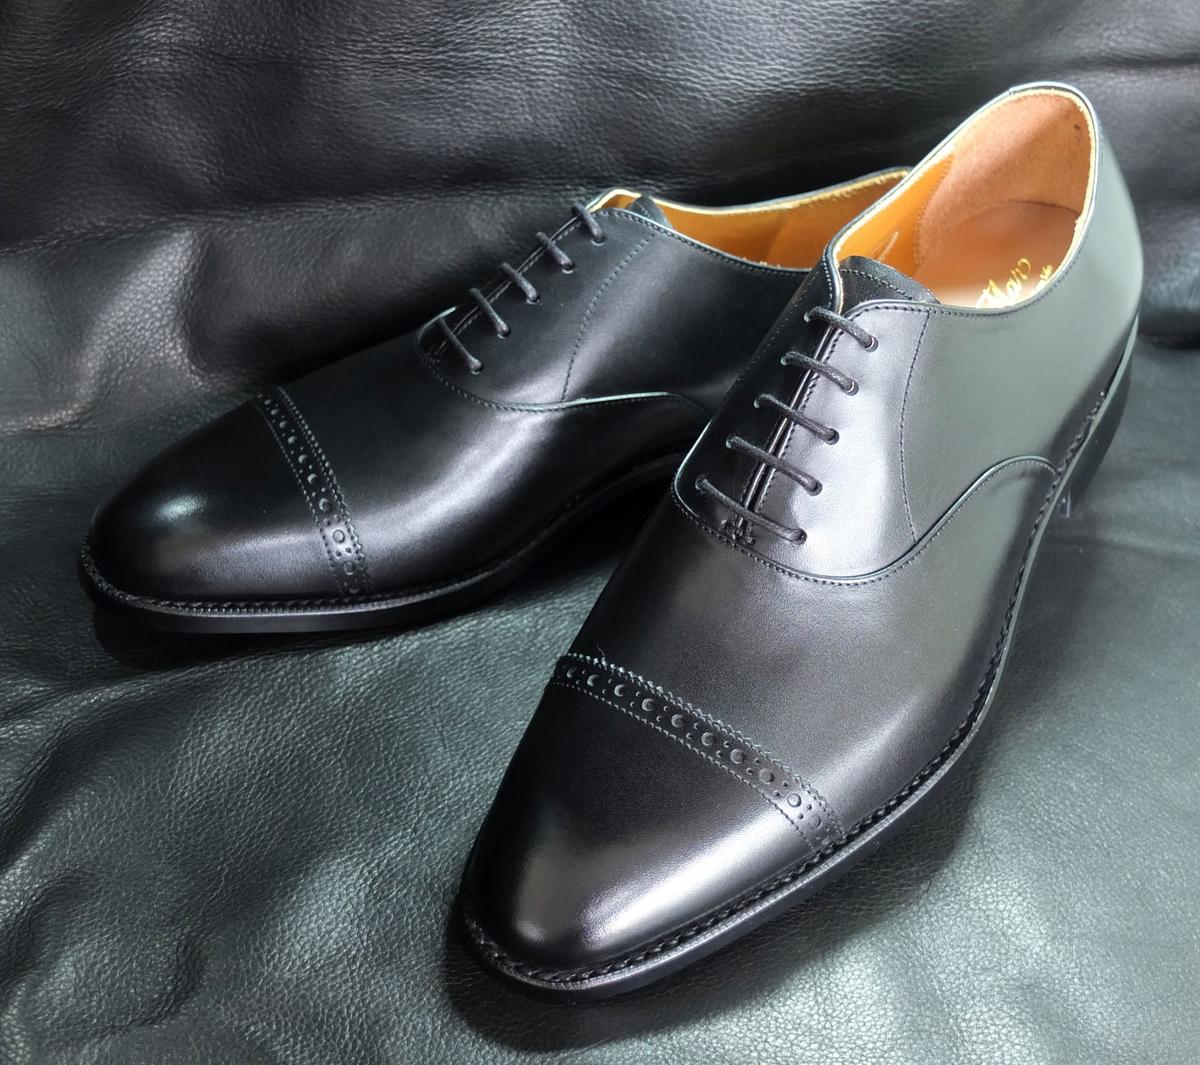 f:id:raymar-shoes:20190319231102j:plain